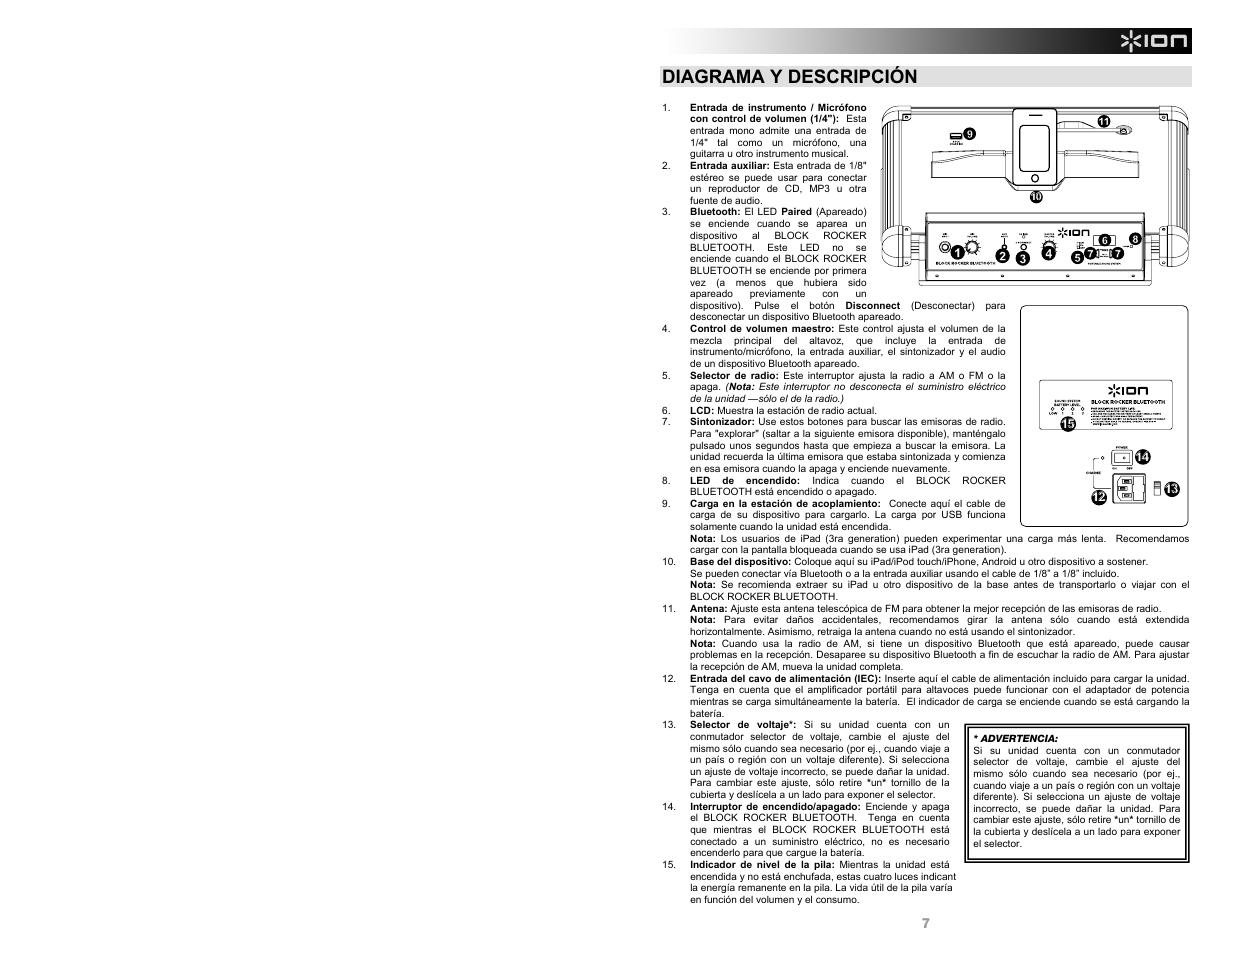 Diagrama y descripción | ION Audio Block Rocker Bluetooth - iPA56B User  Manual | Page 7